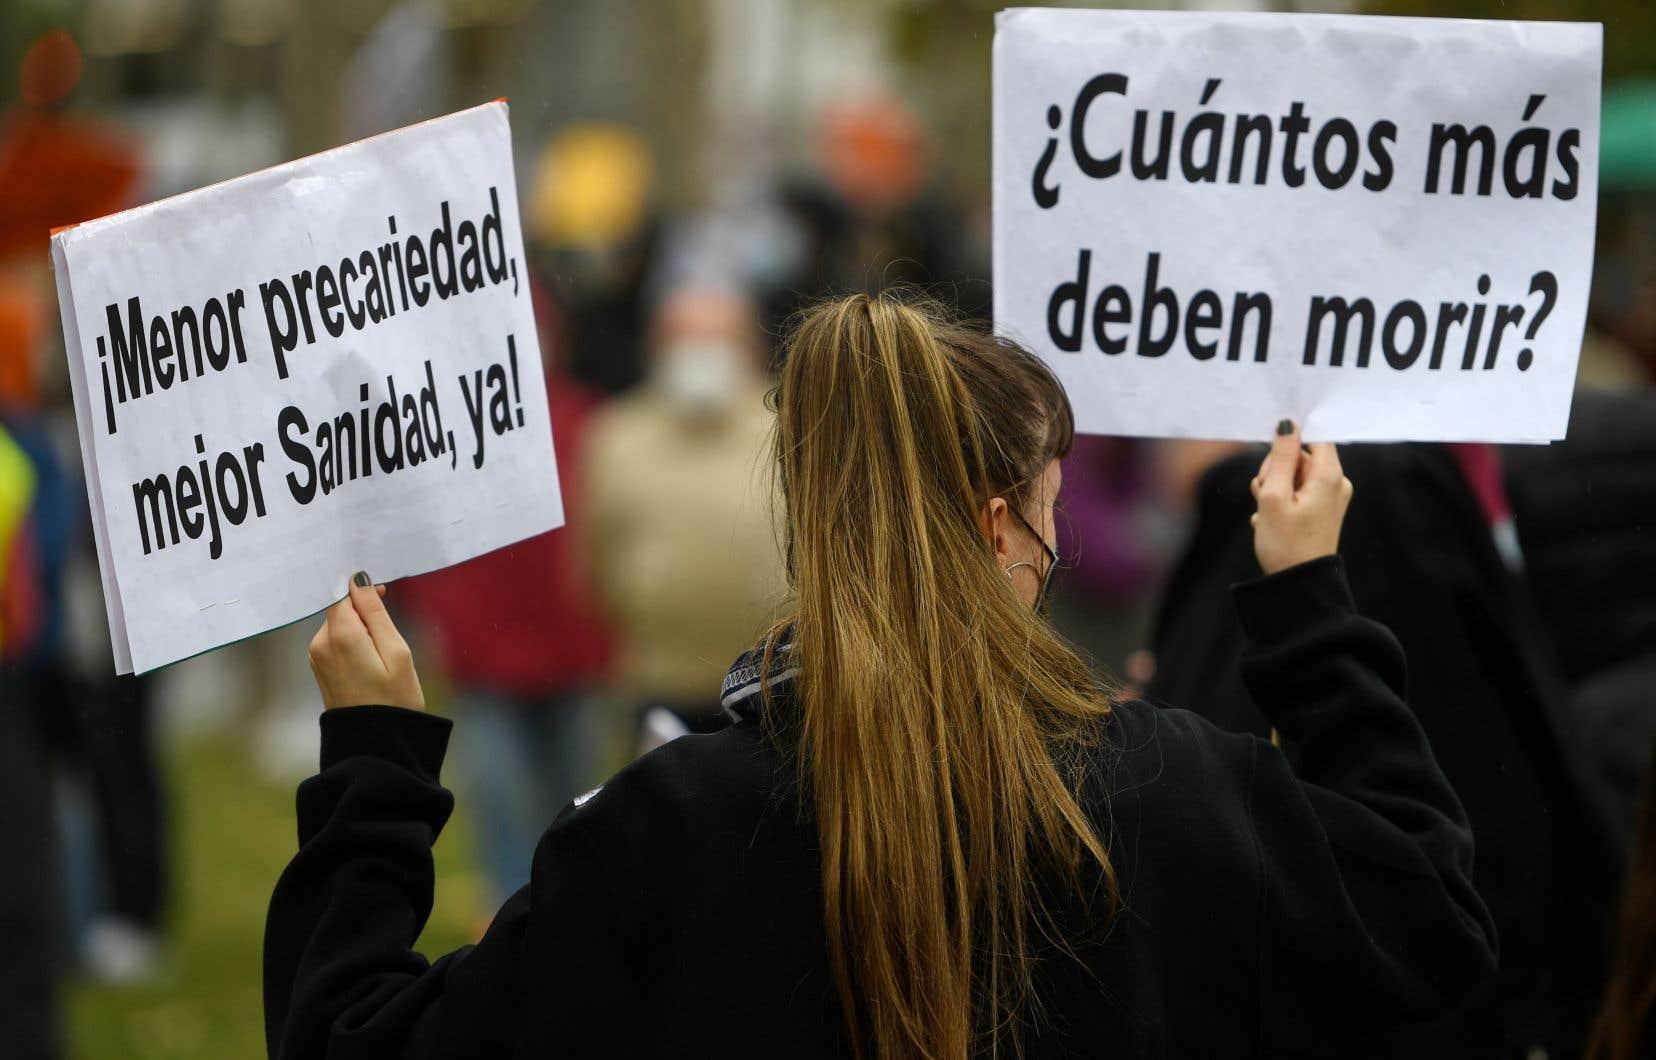 Lors d'une manifestation pour une meilleure gestion de la pandémie et du système de santé, à Madrid, une femme tient une pancarte disant «Combien de personnes de plus doivent mourir?»